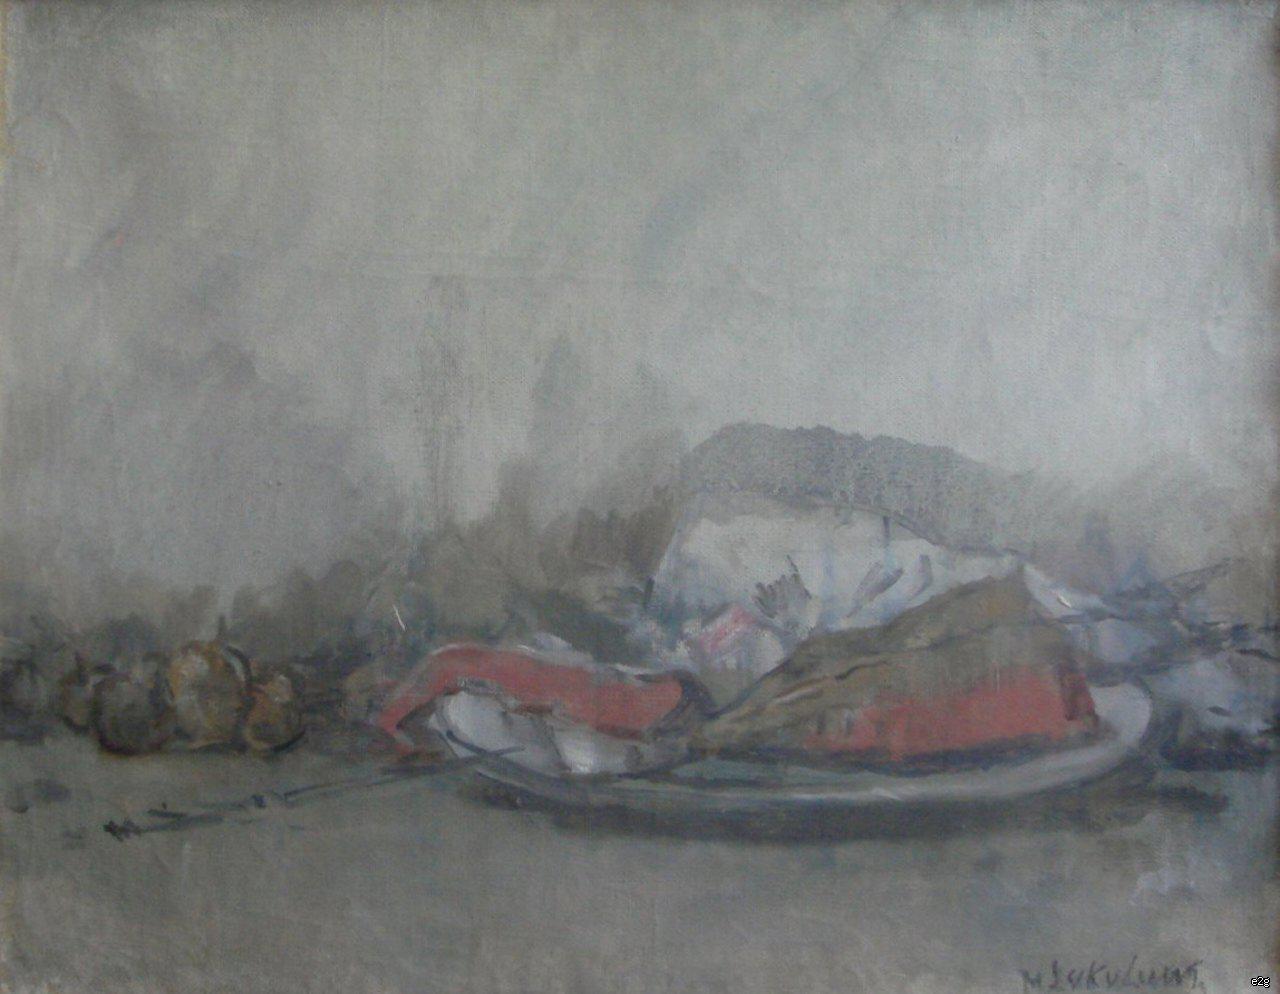 Соколов Михаил Ксенофонтович. Натюрморт с красной рыбой